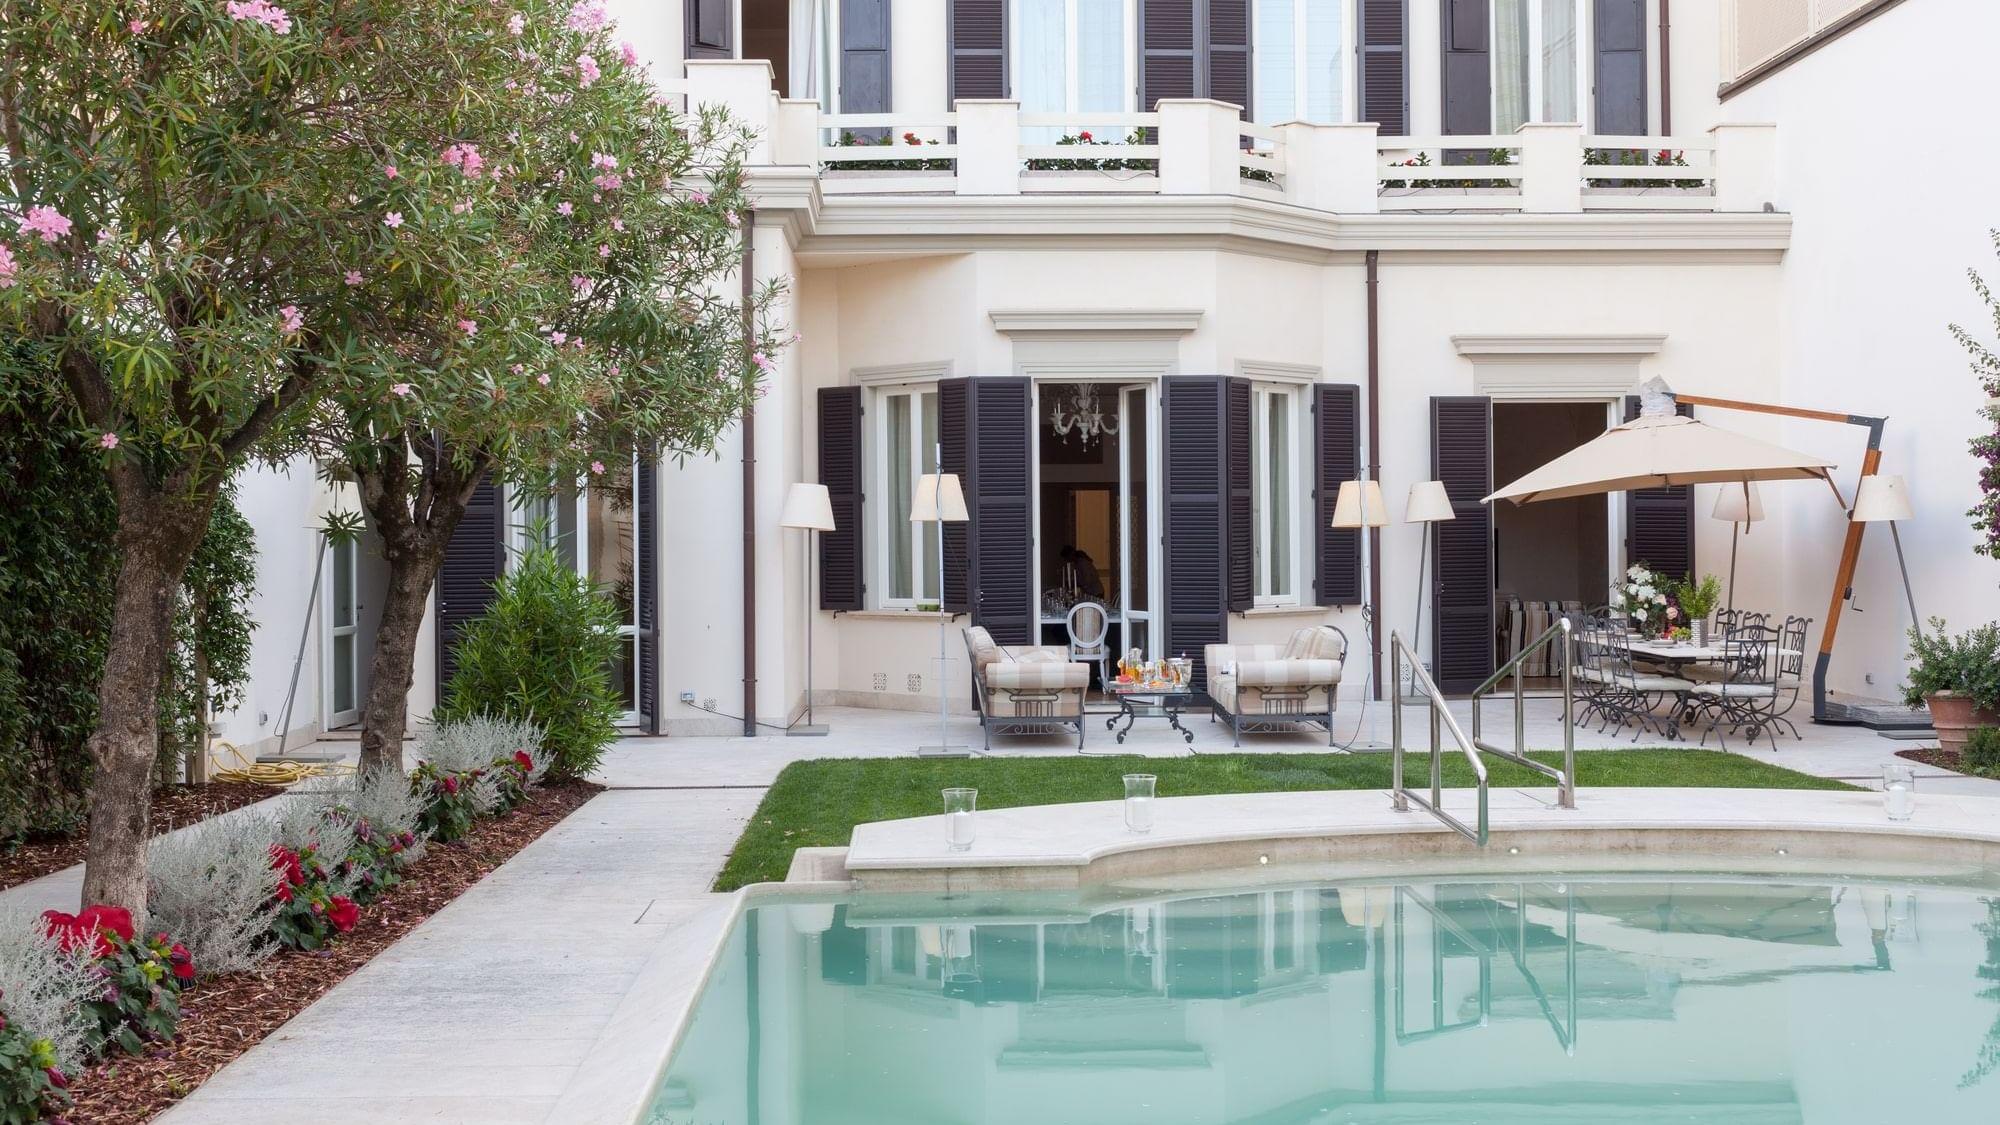 Luxury Villa Manin Viareggio | UNA Esperienze - Villa con Piscina in Toscana